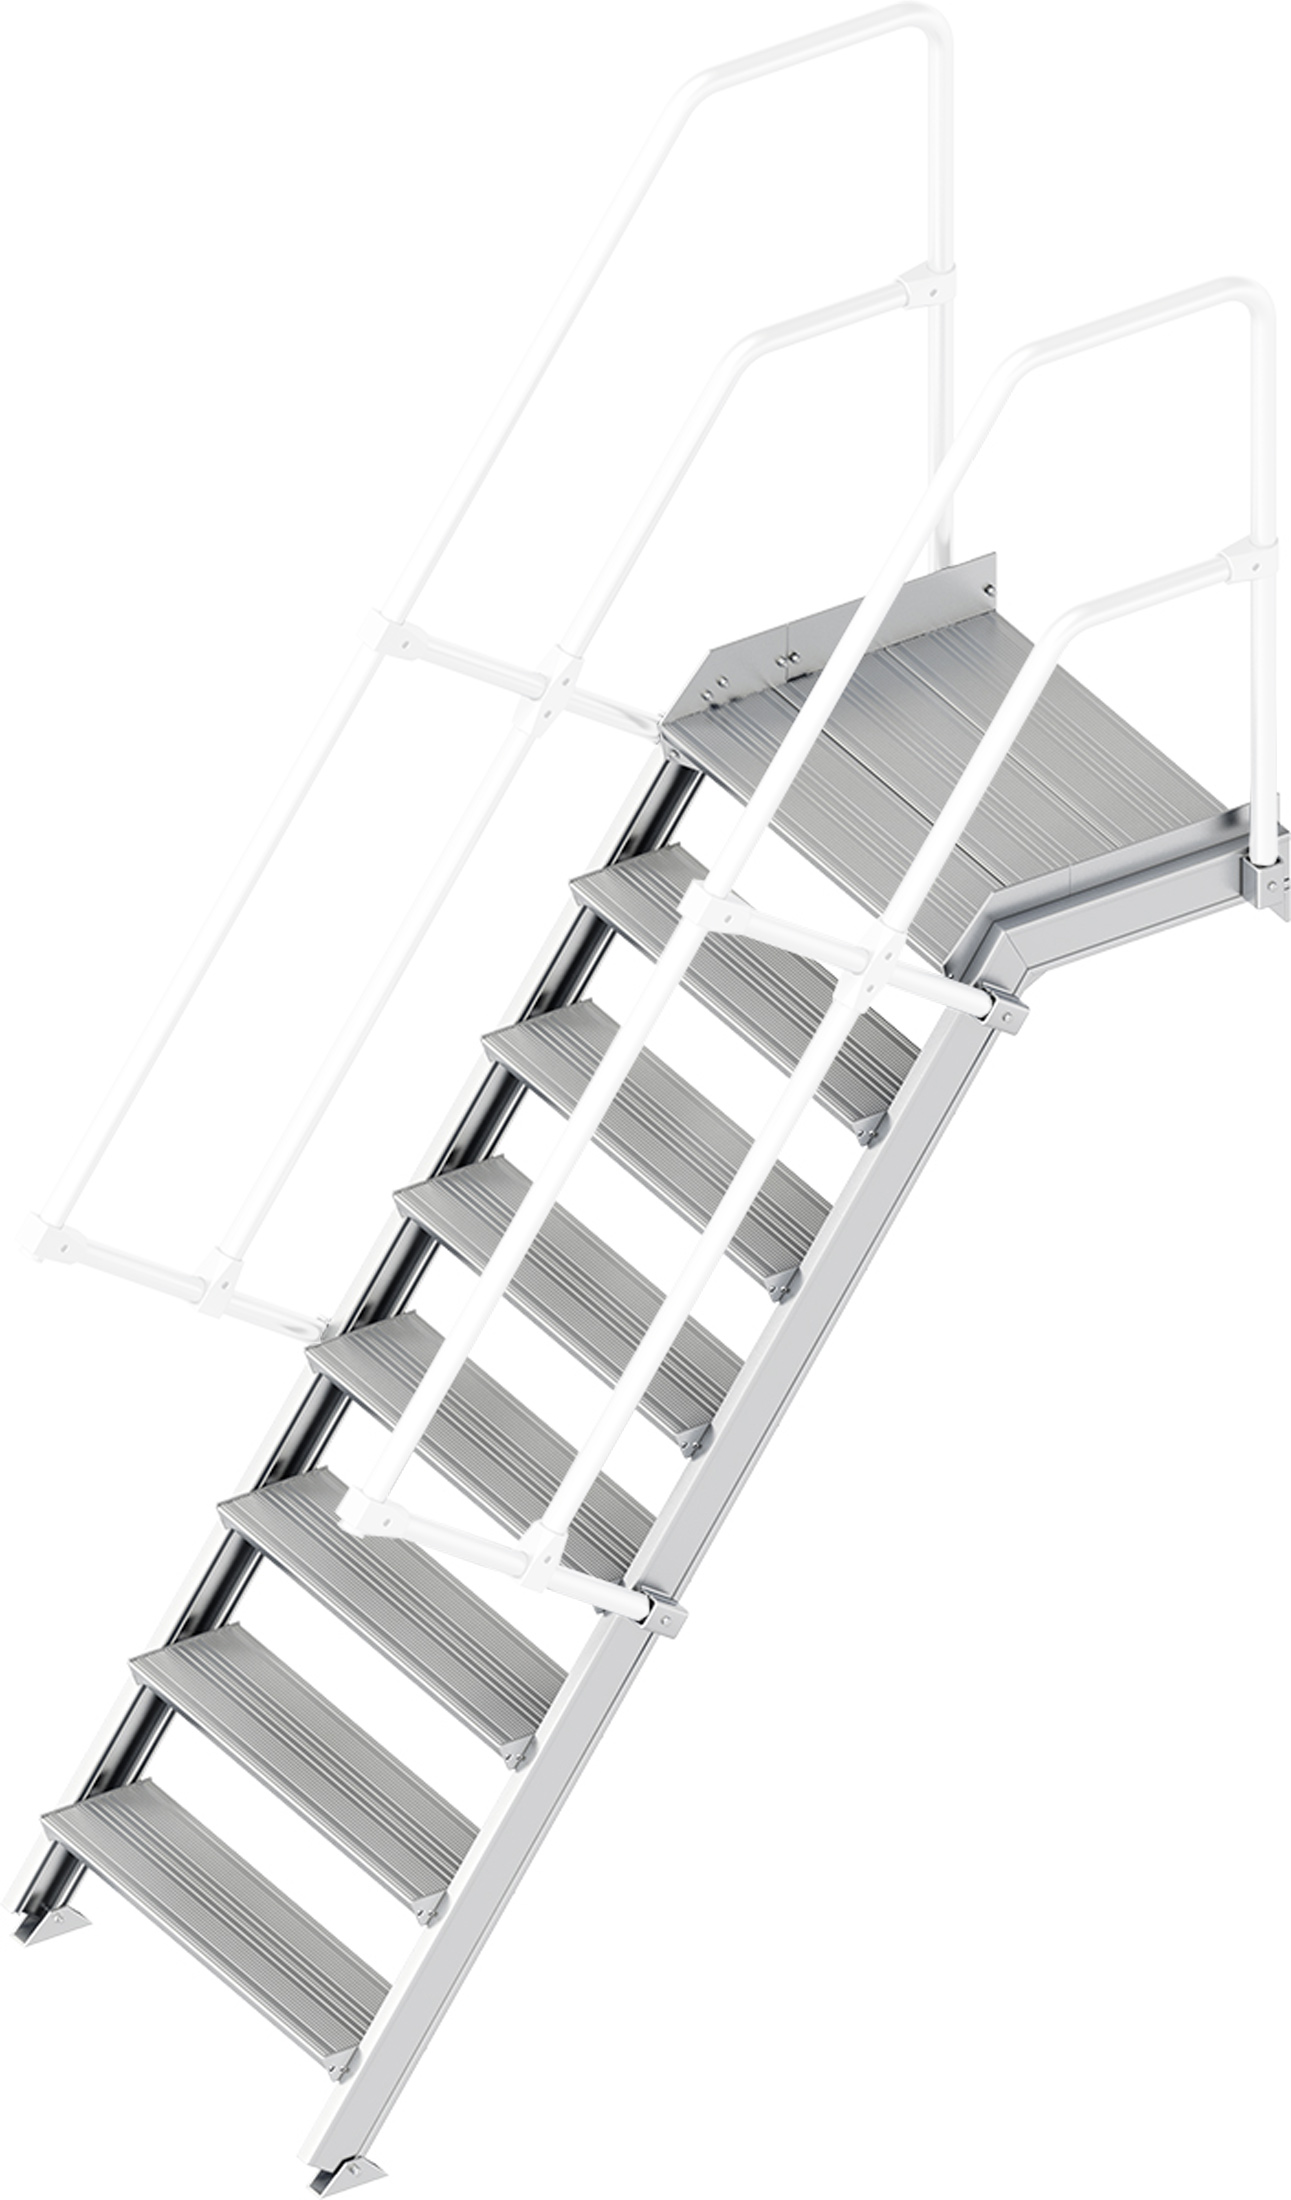 Layher Plattformtreppe 55° 8 Stufen - 800 mm breit